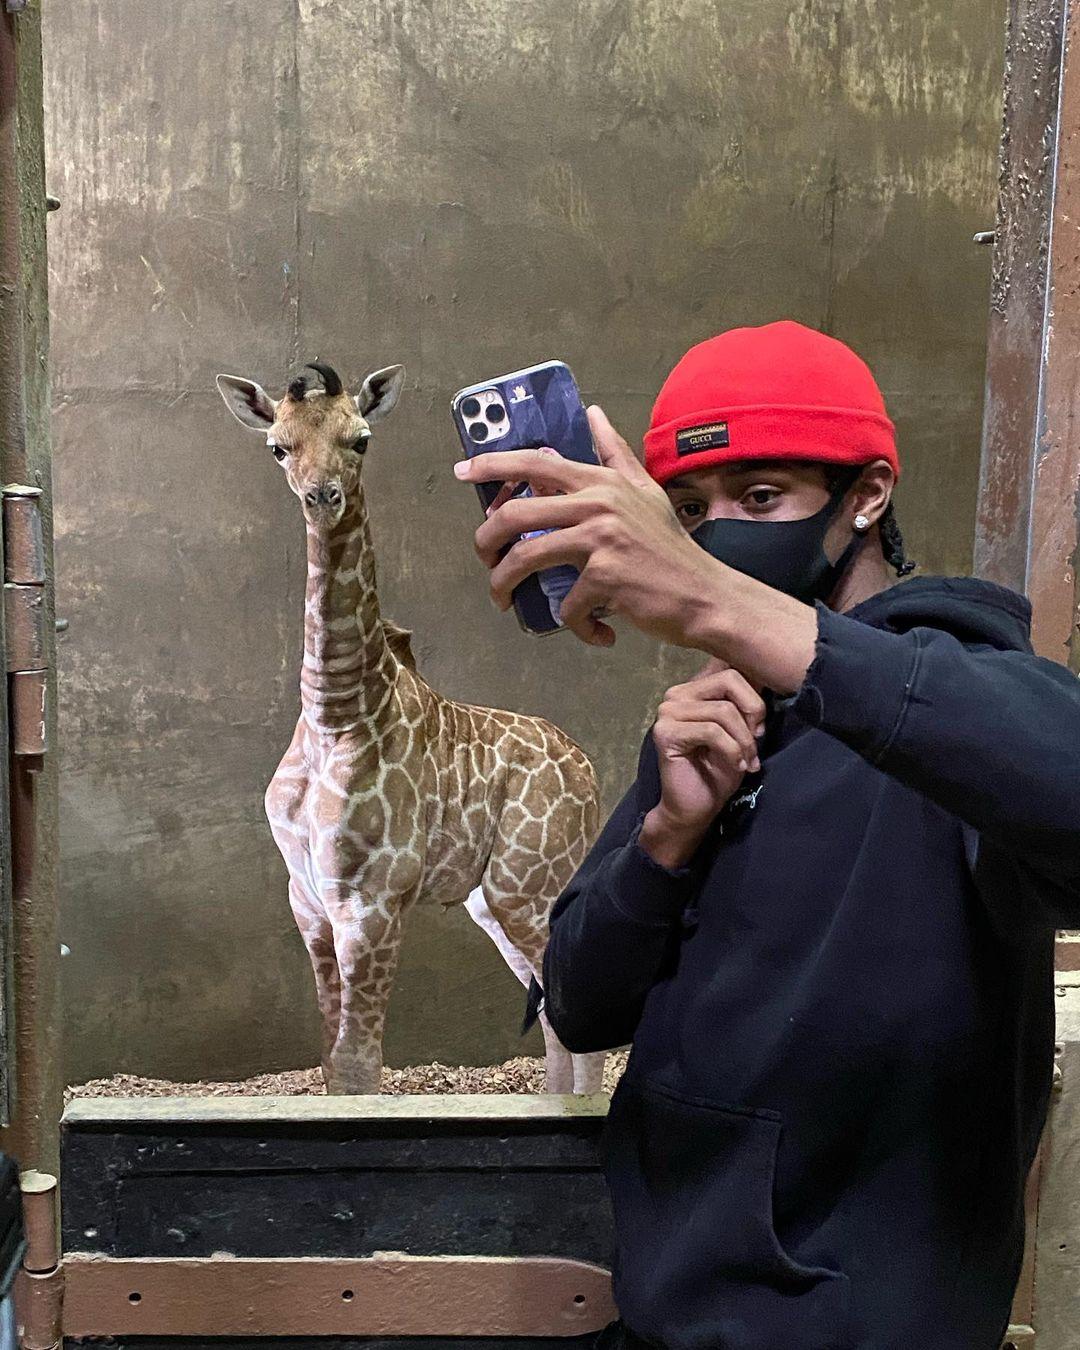 灰熊官方更新Ins,晒莫兰特与当地动物园小长颈鹿的合影